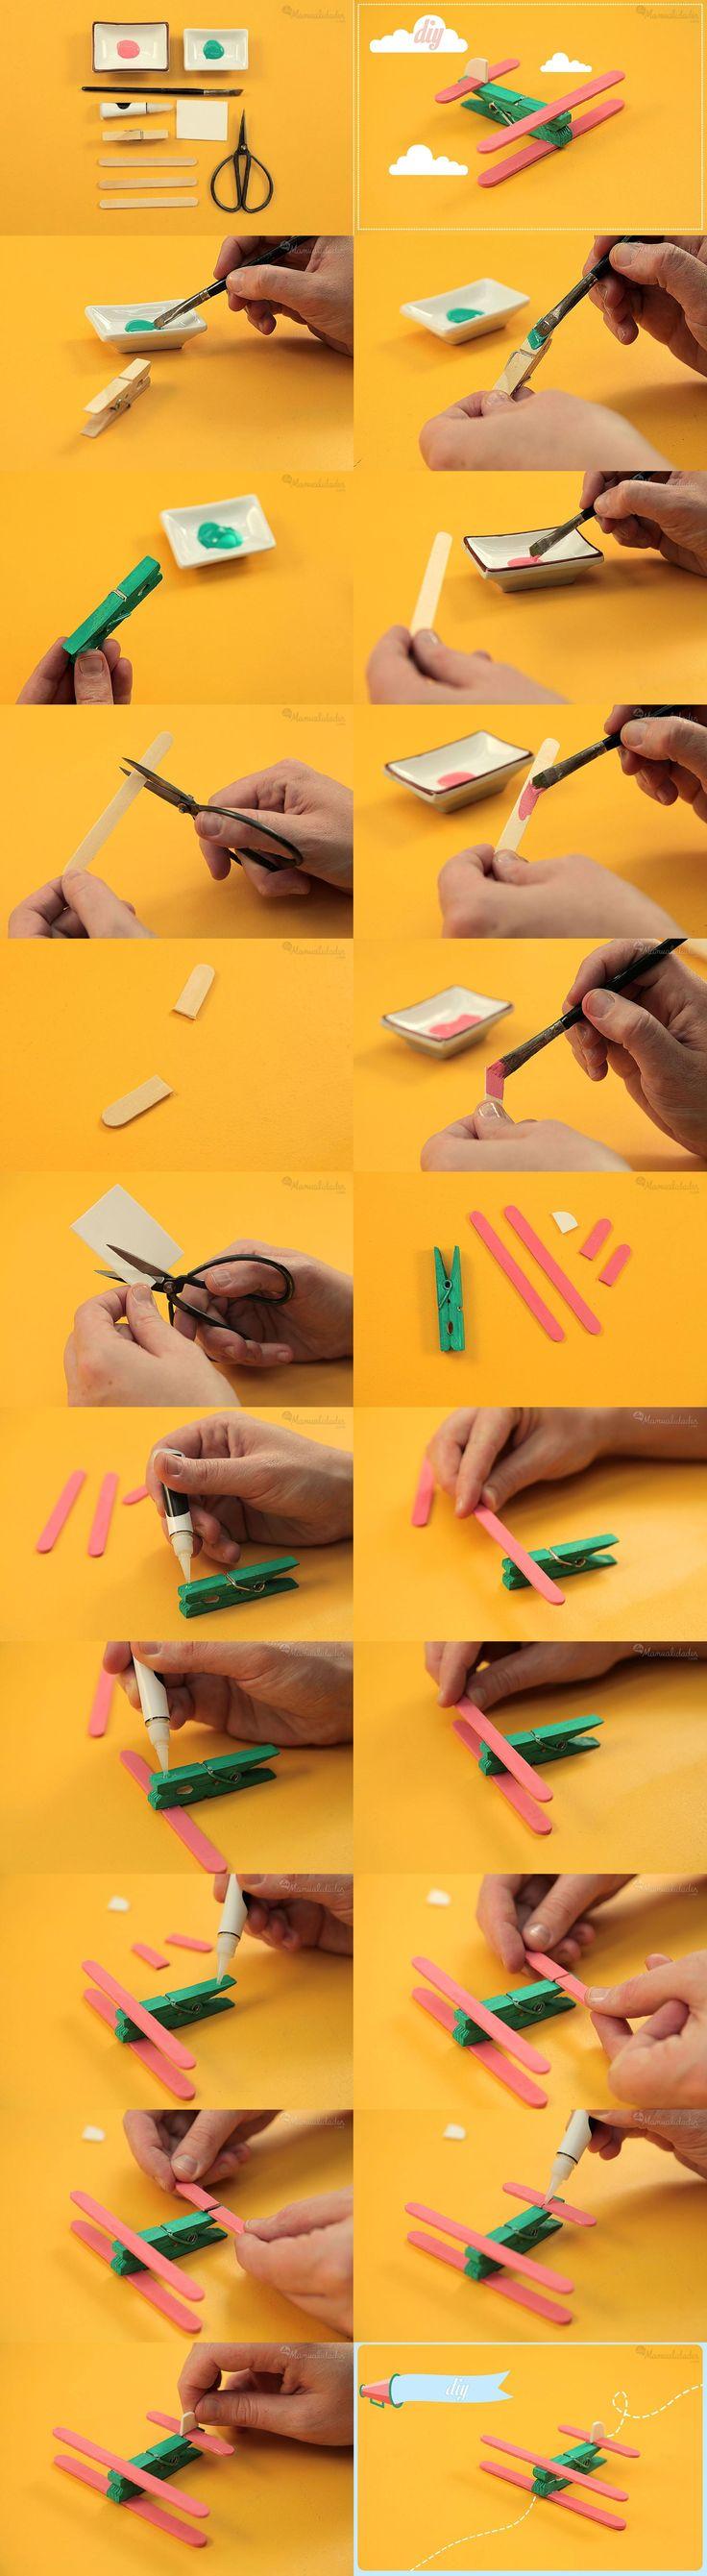 avioneta juguete pinzas palitos DIY muy ingenioso 2